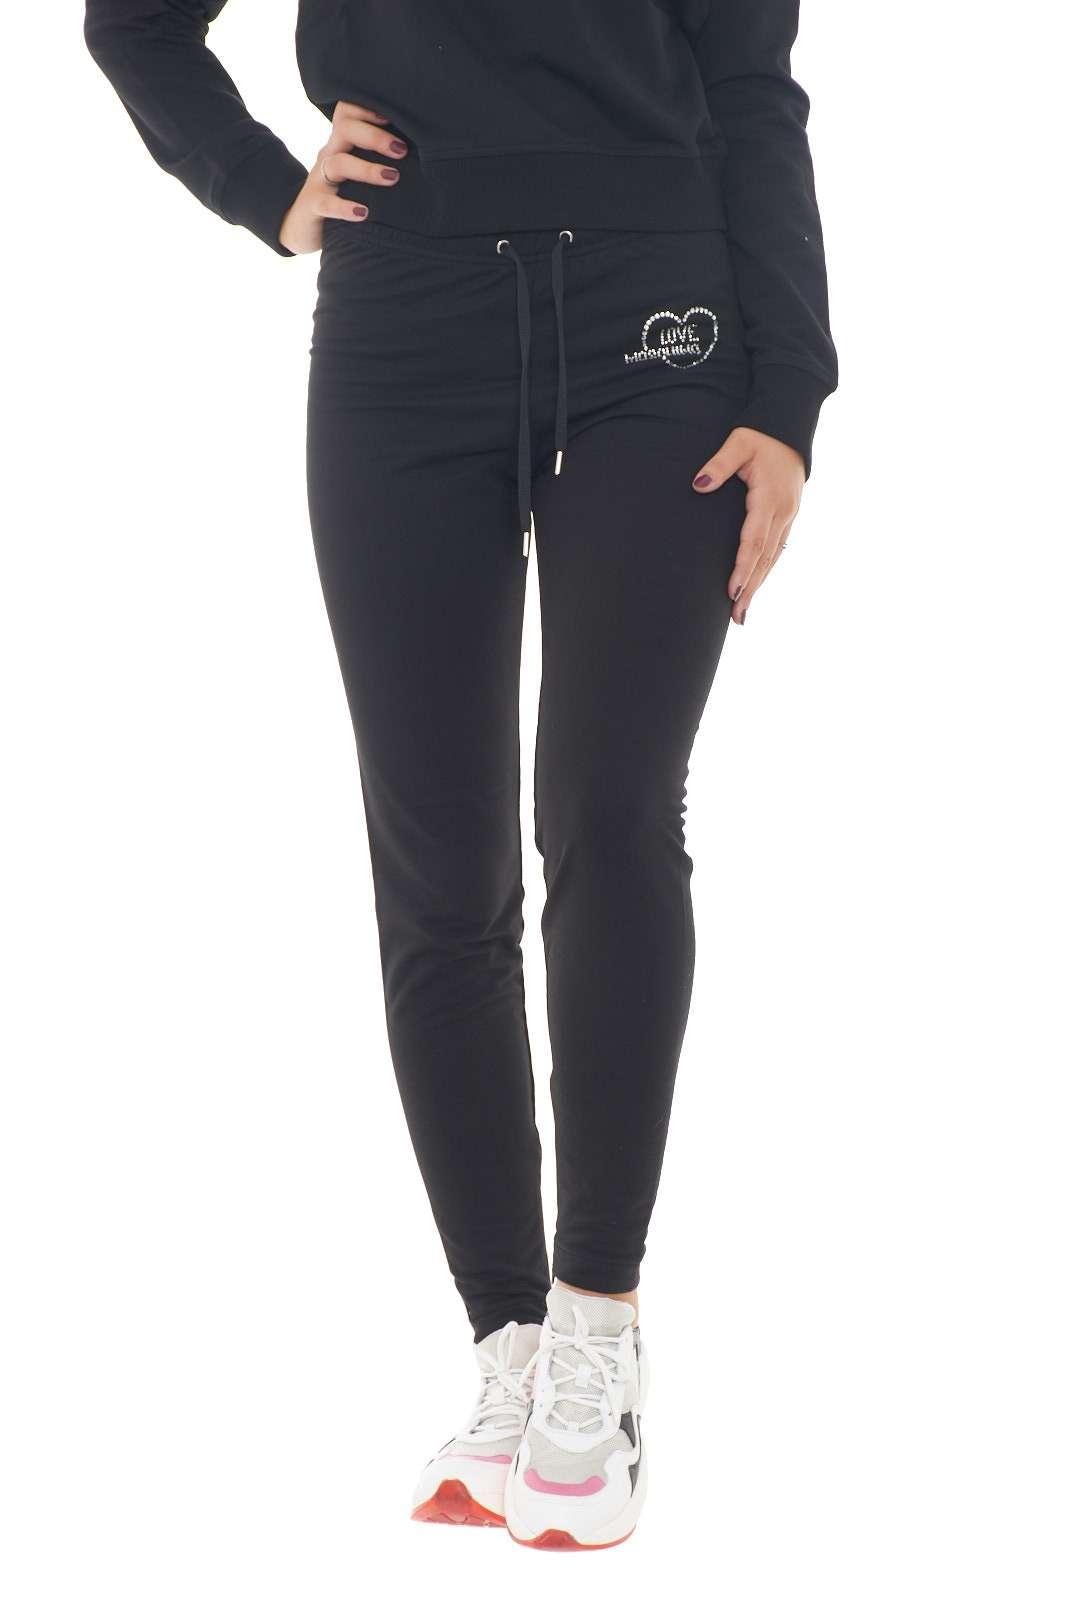 Un pantalone basic ed estremamente comodo quello proposto dalla collection Love Moschino. La coulisse in vita permette di regolare il capo e le zip sul fondo garantiscono comodità su un modello skinny. Da indossare sia con sneakers che con tacchi, è un essential della moda uomo.